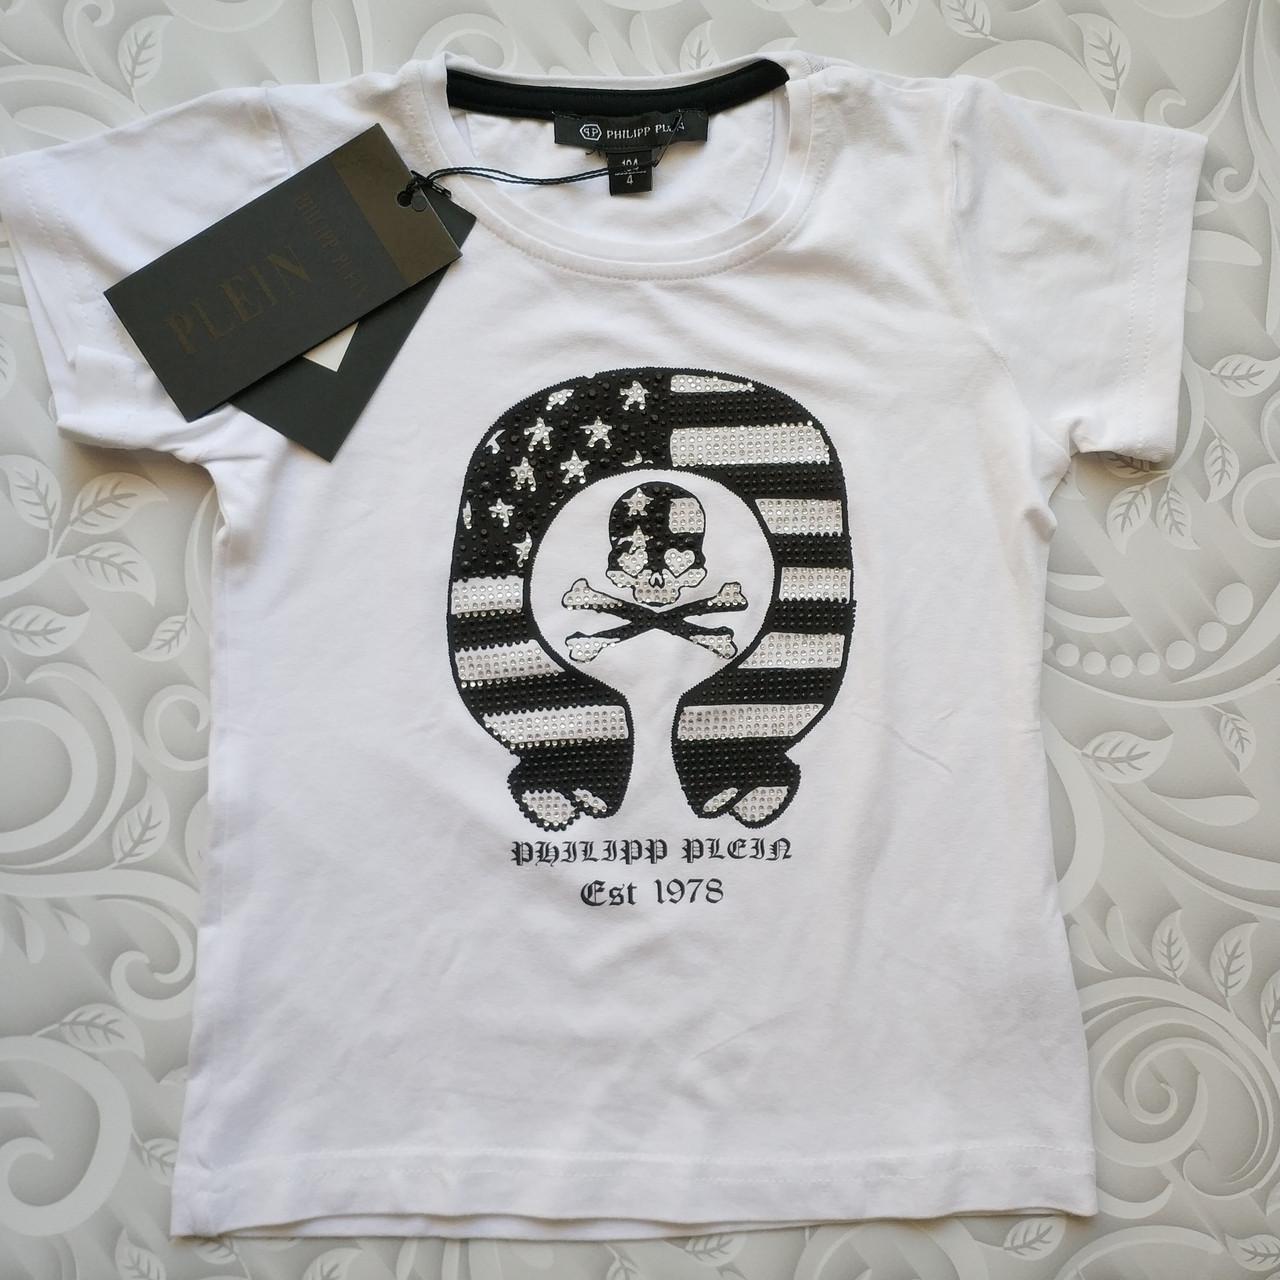 Детская футболка Philipp Plein